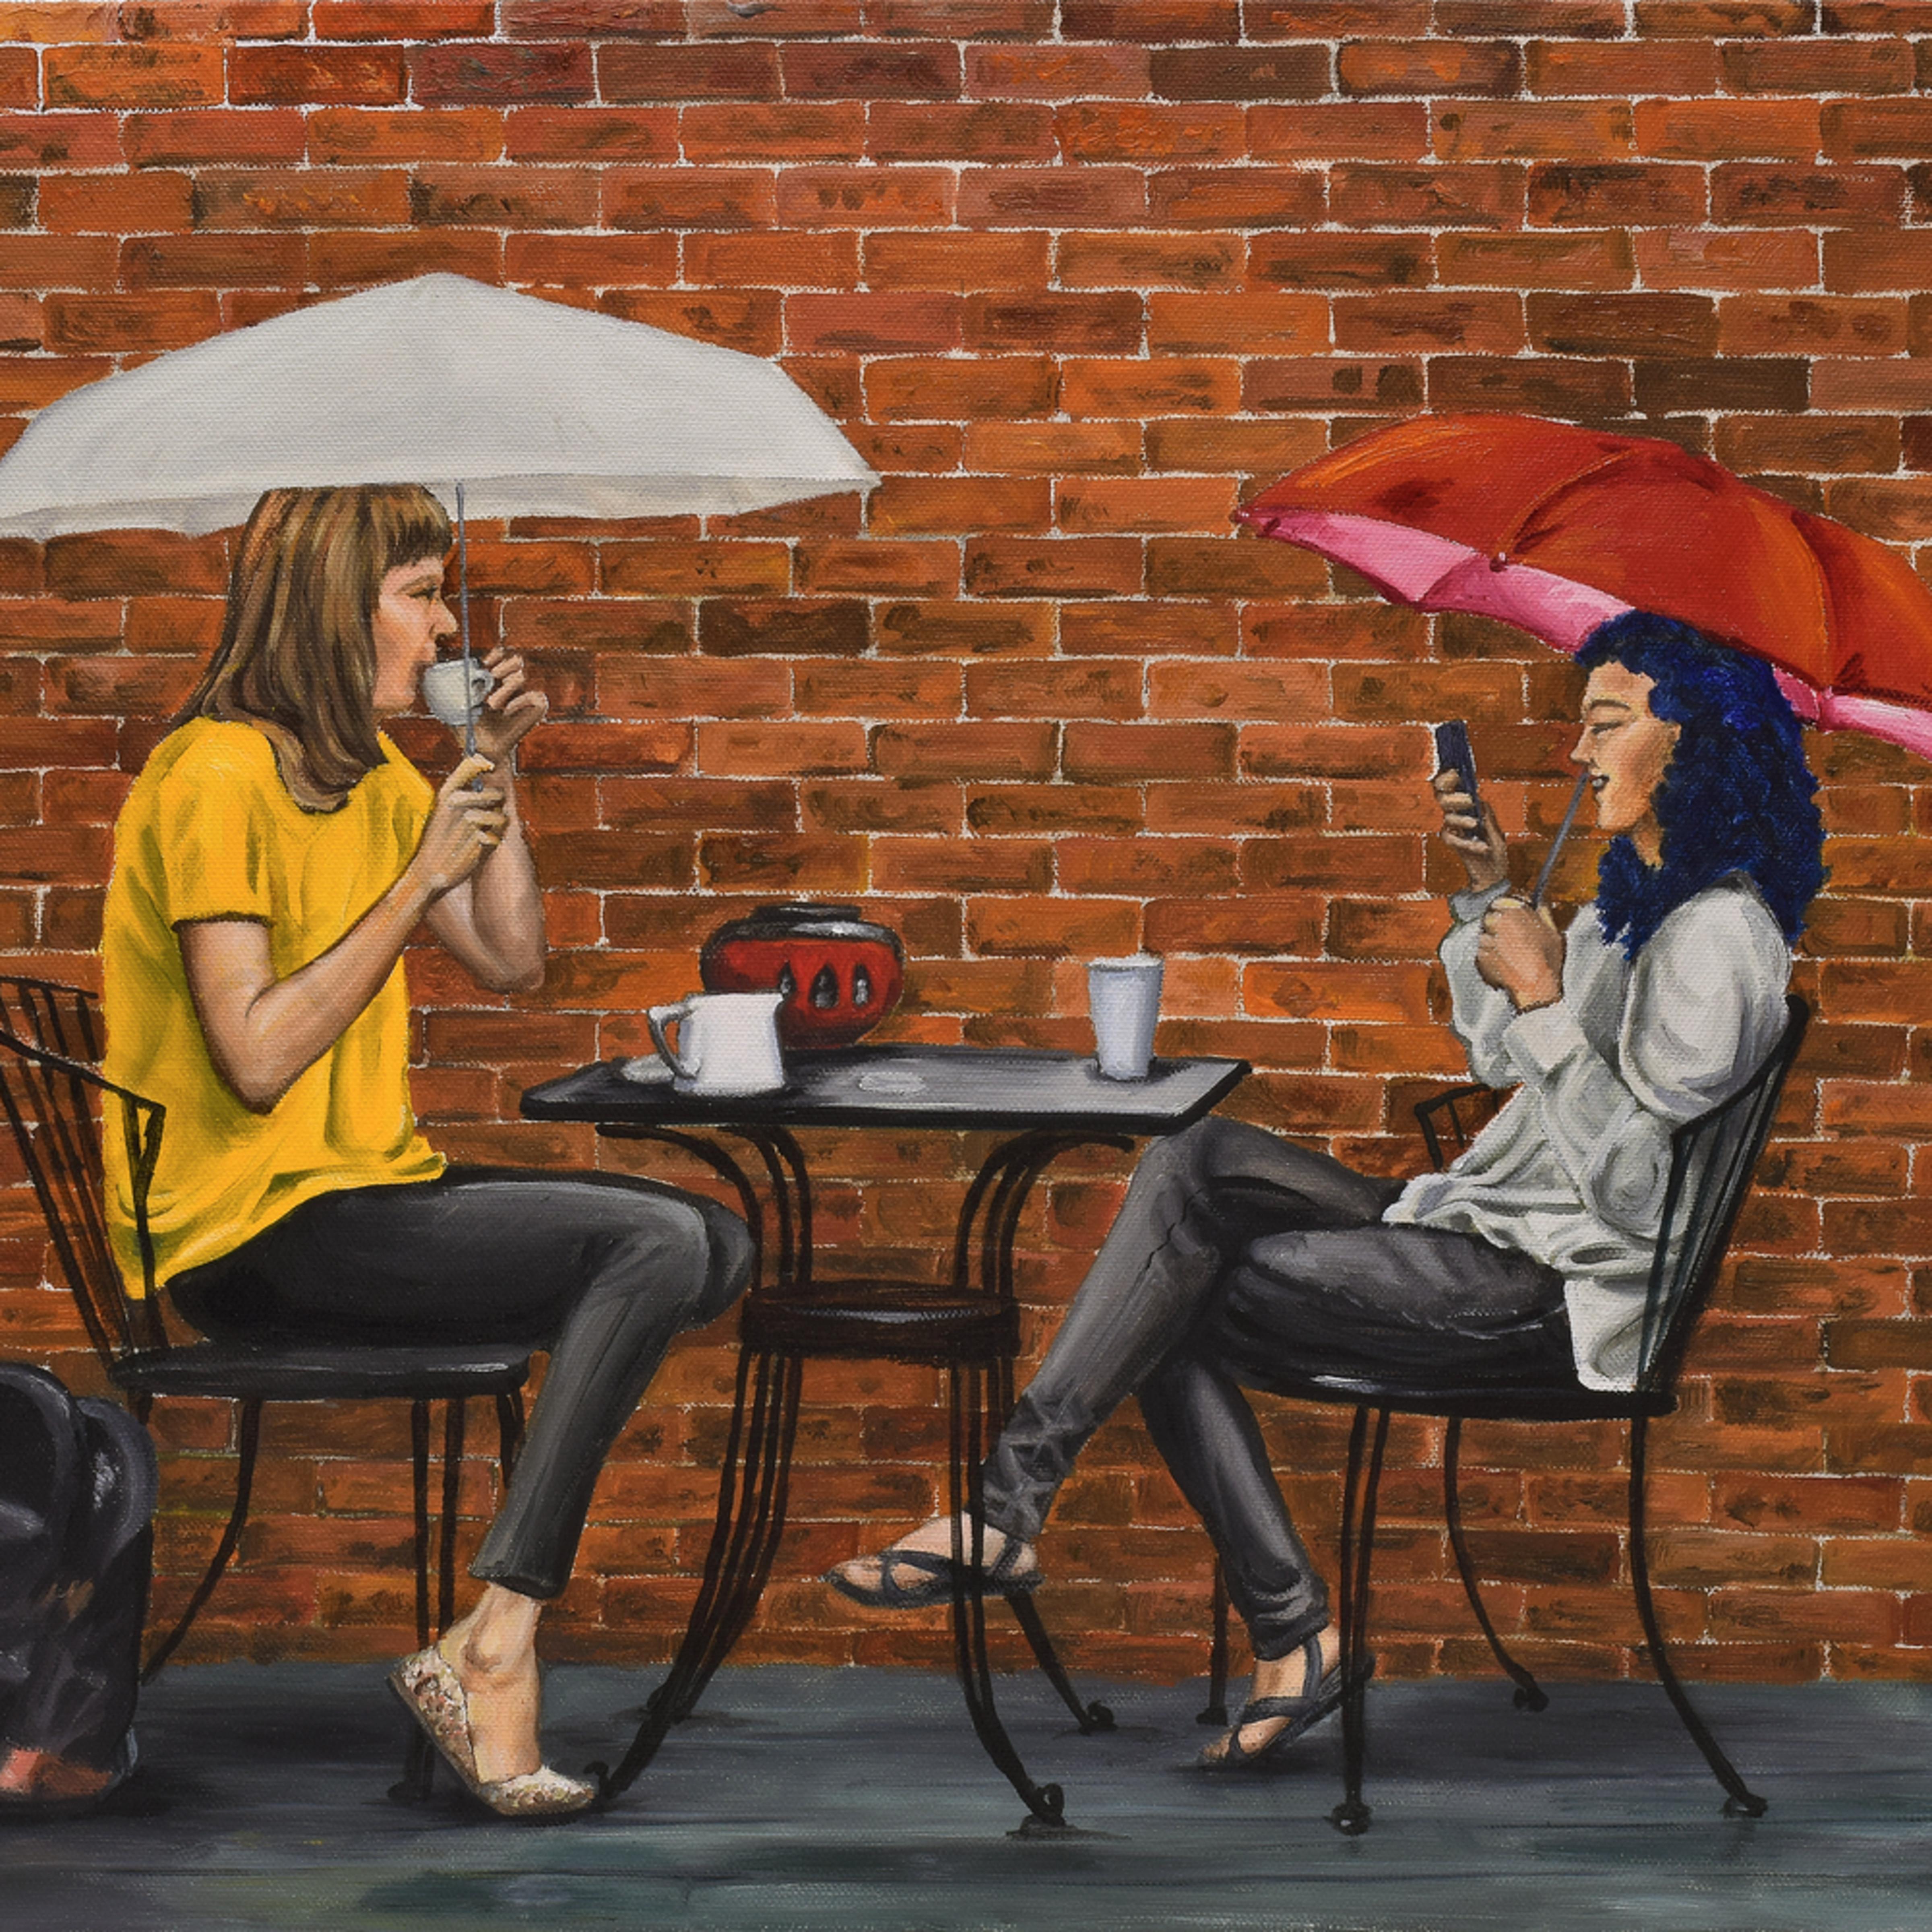 Au rain cafe gnsm6l